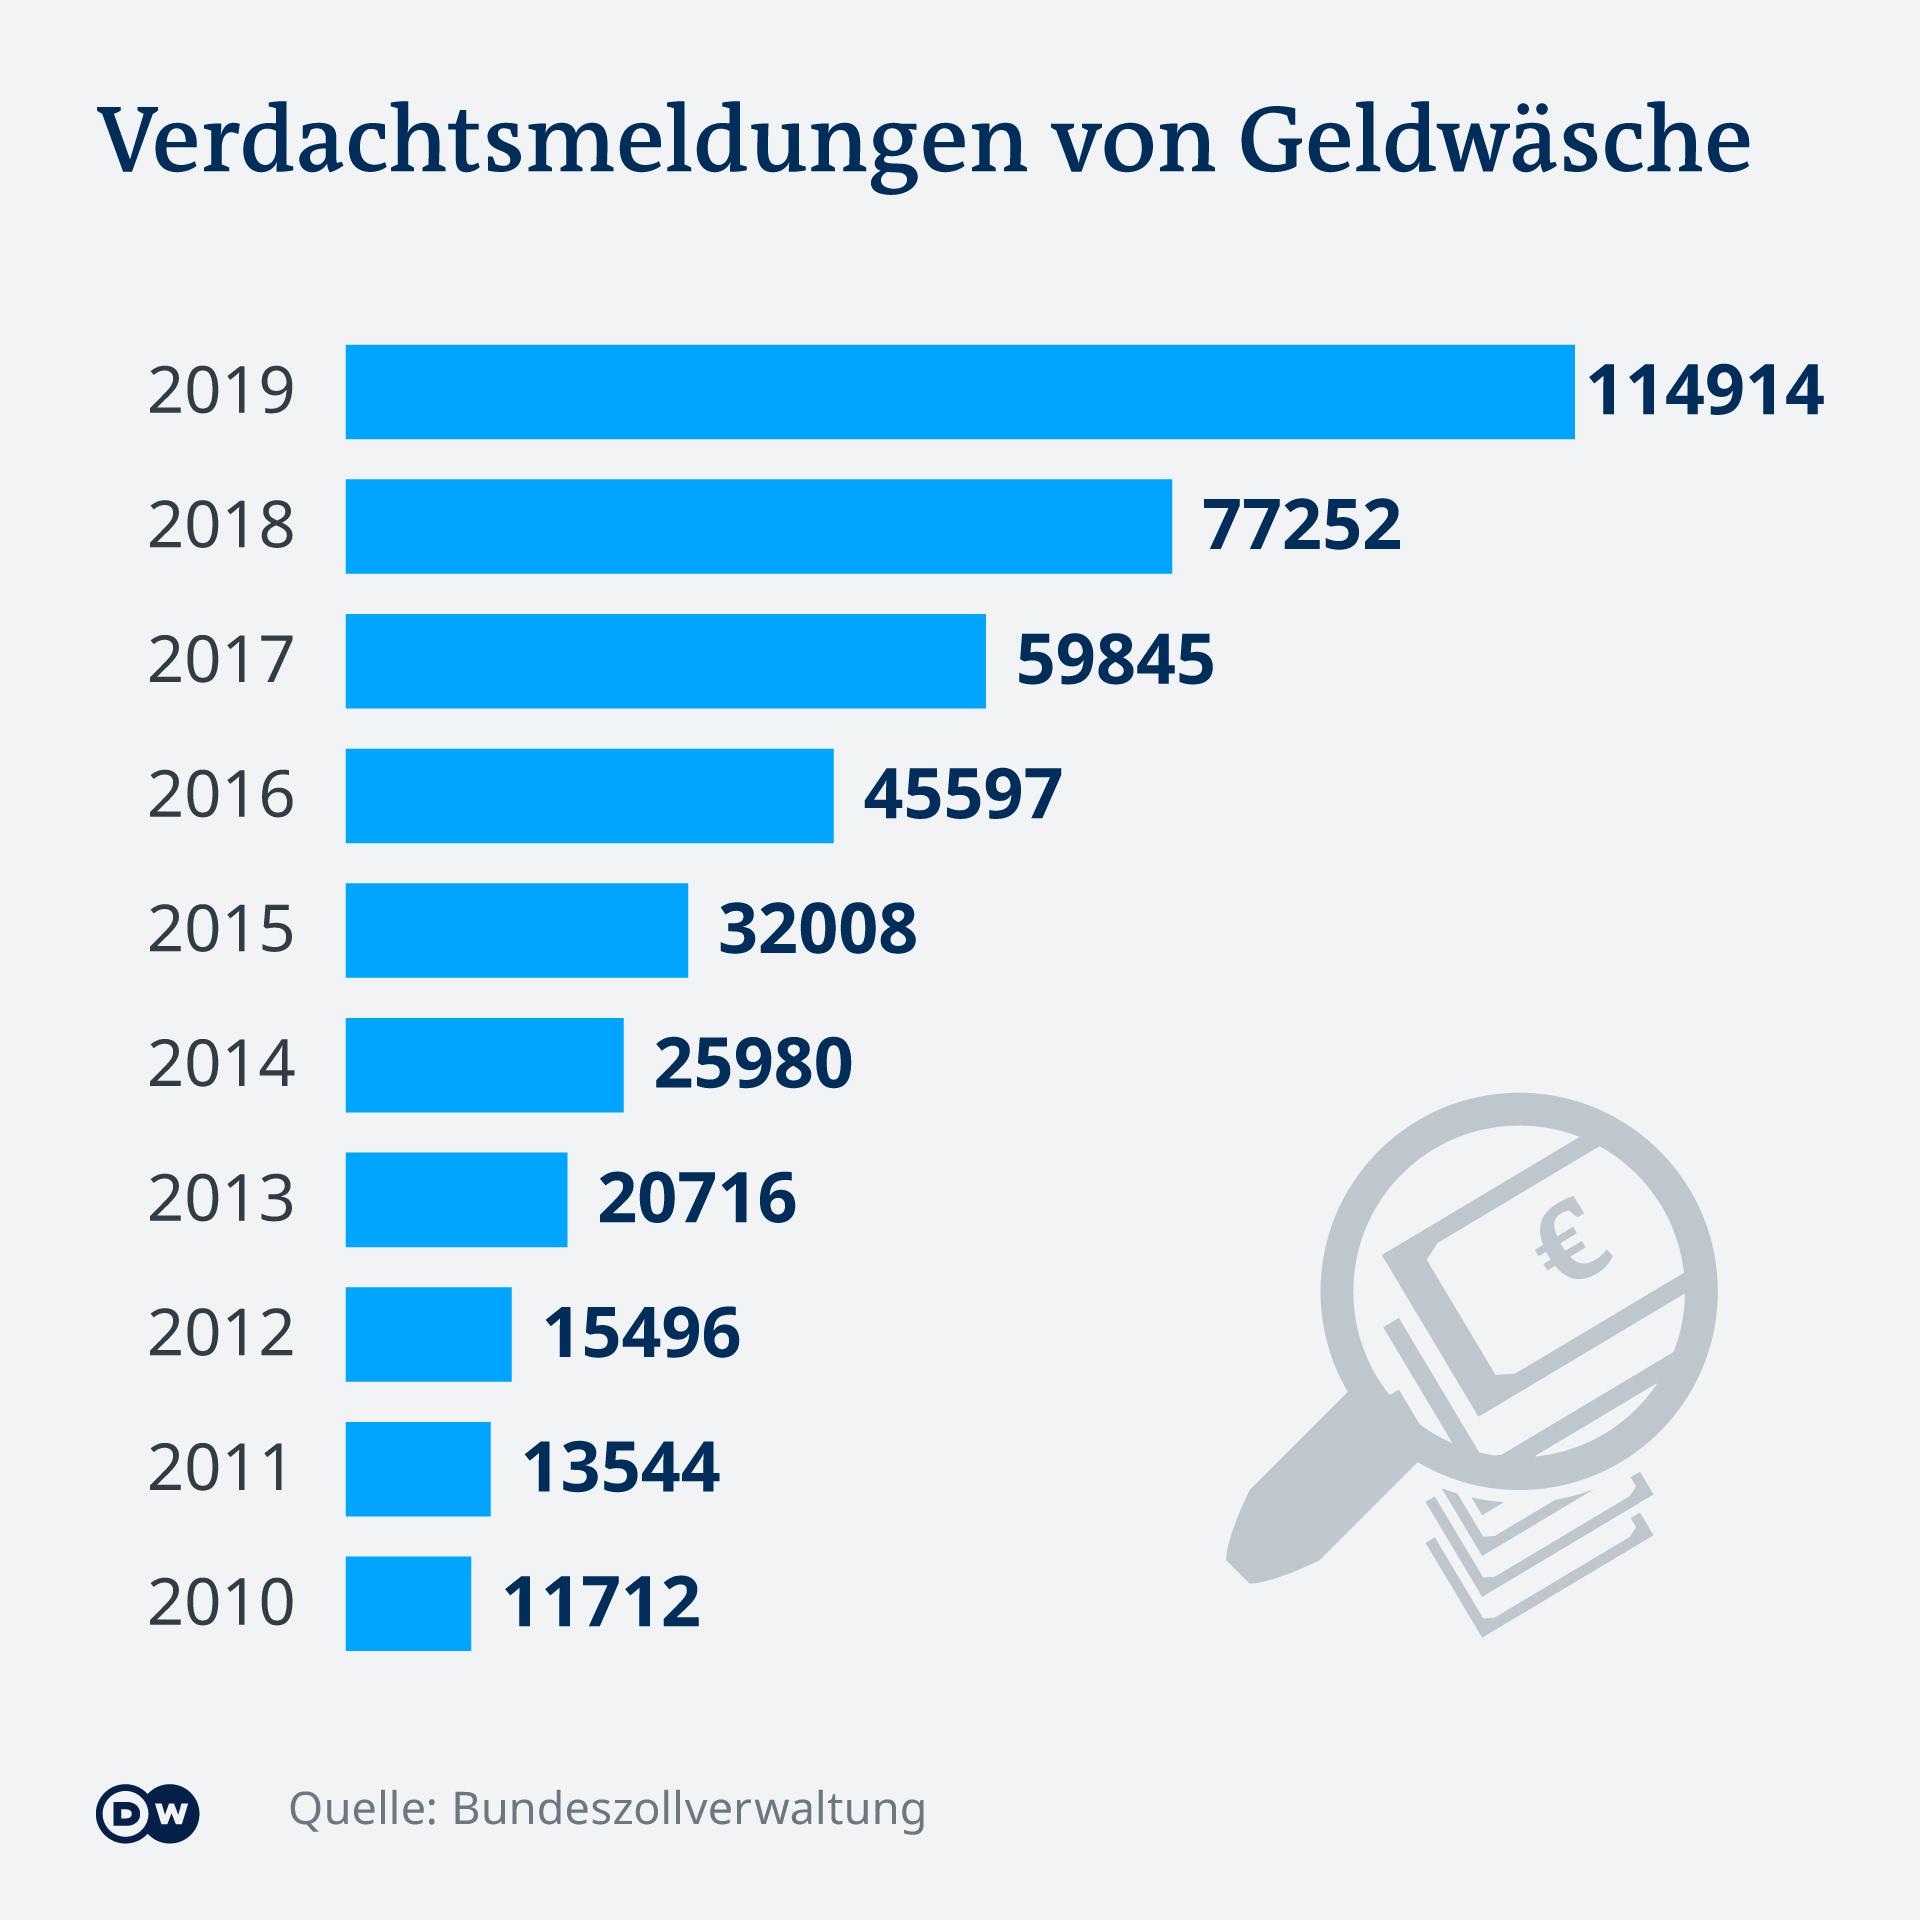 Infografik - Verdachtsmeldungen von Geldwäsche - DE